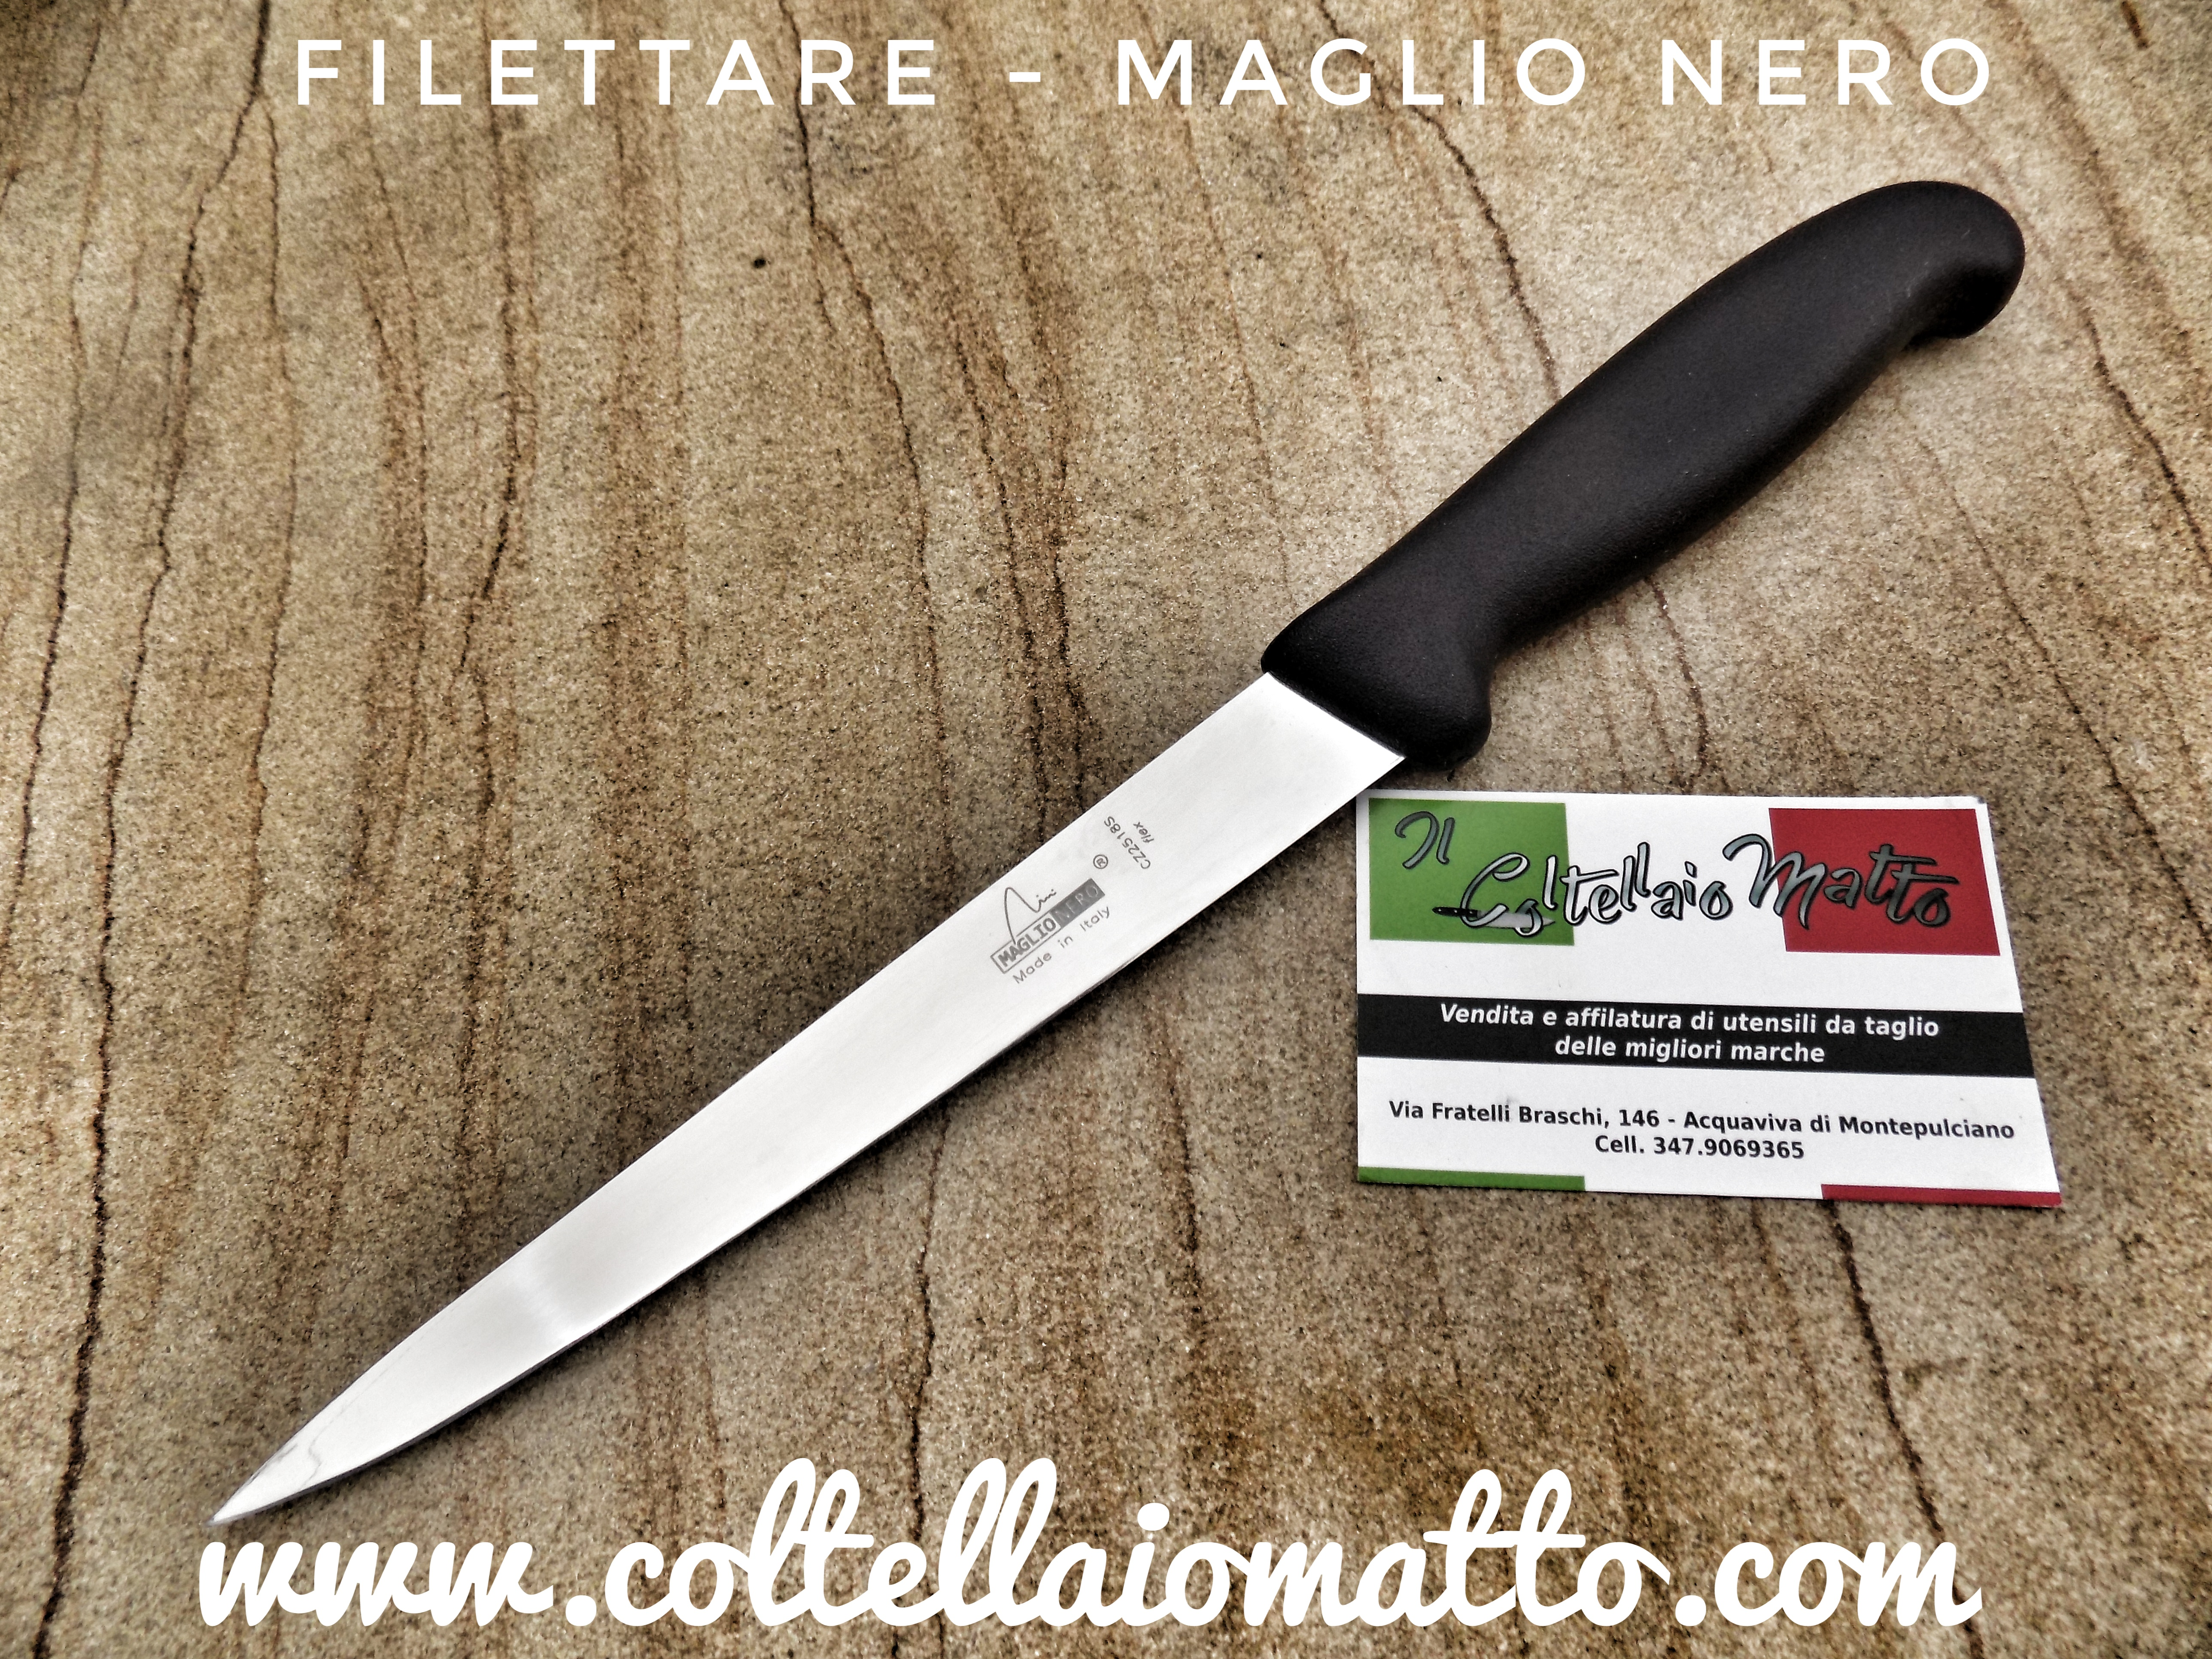 Coltello Filettare Maglio Nero